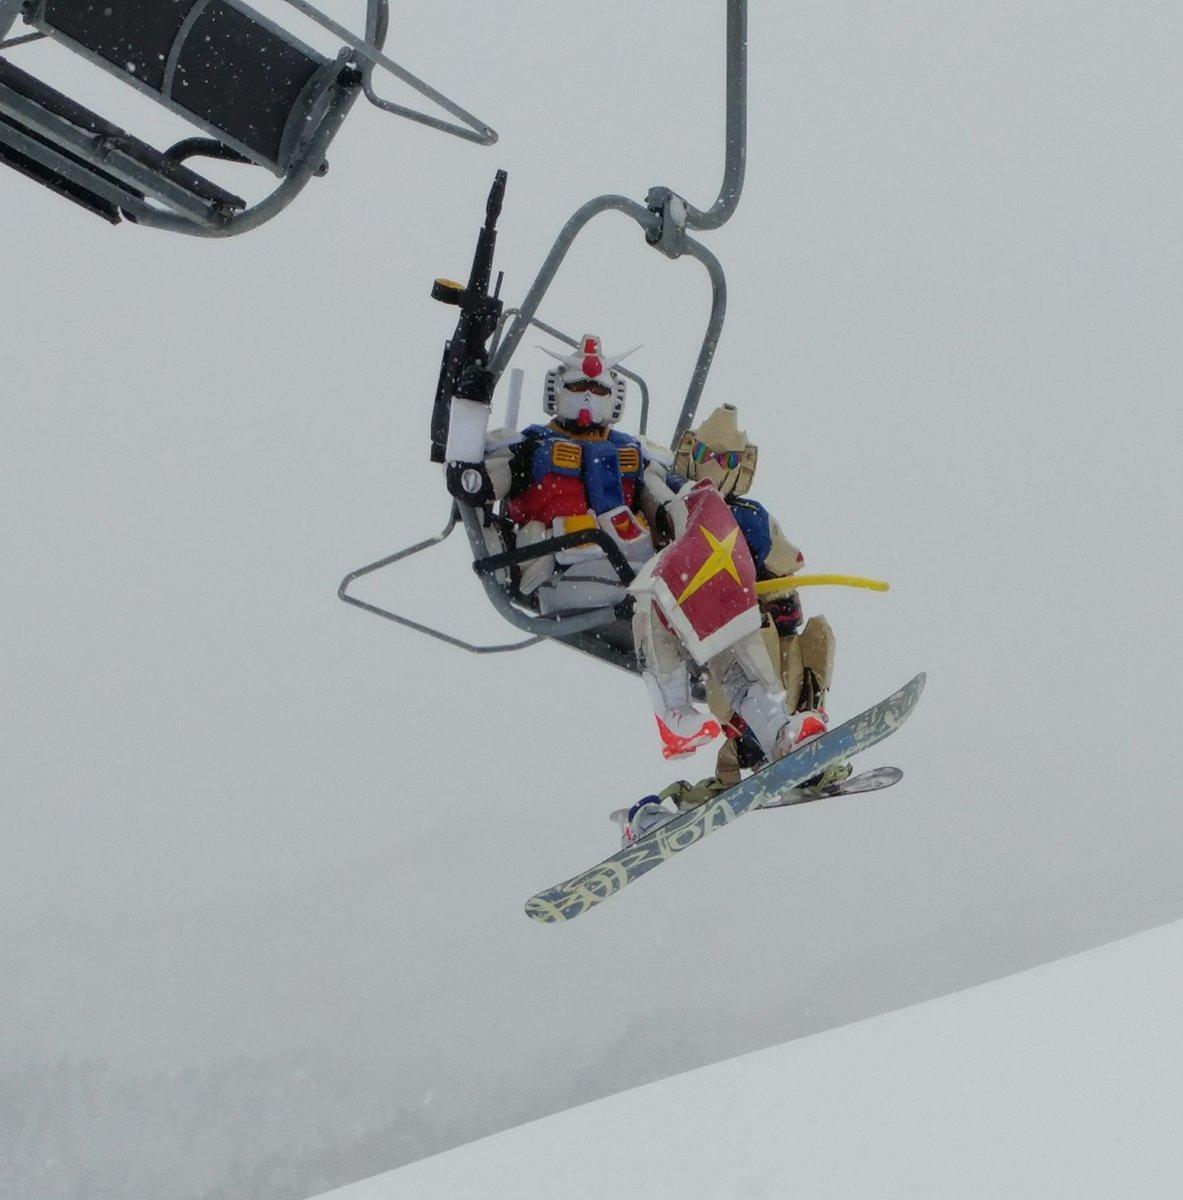 今週末、2月25日 (土)は兵庫県『スカイバレイスキー場』にGP隊・生ガンダムさんが登場!٩(●˙▽˙●)۶みんなで、ゲ